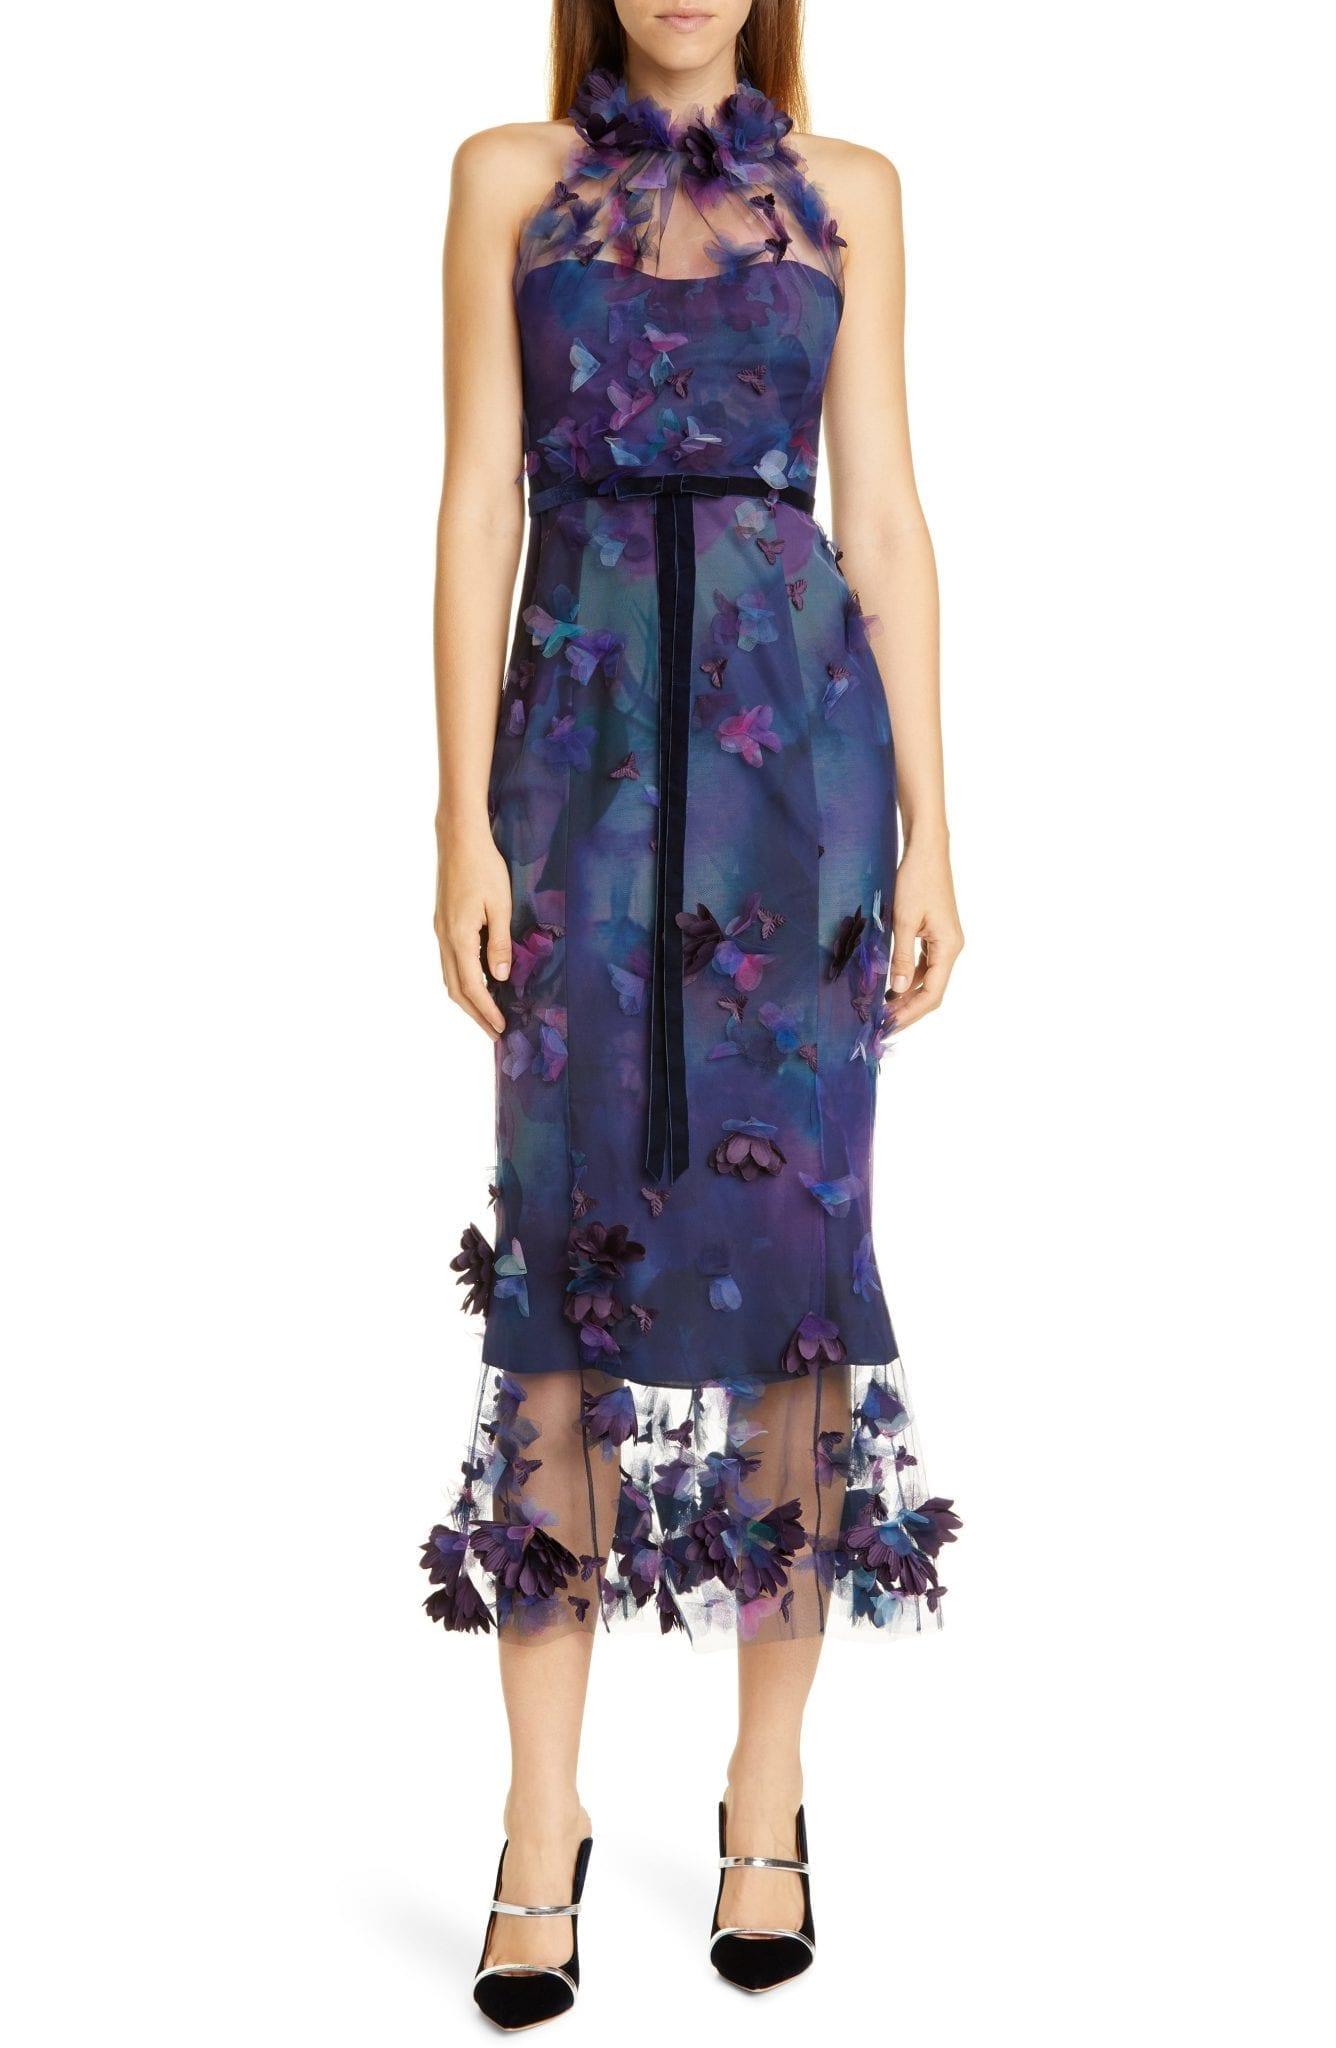 MARCHESA NOTTE Floral Appliqué Halter Tulle Cocktail Dress